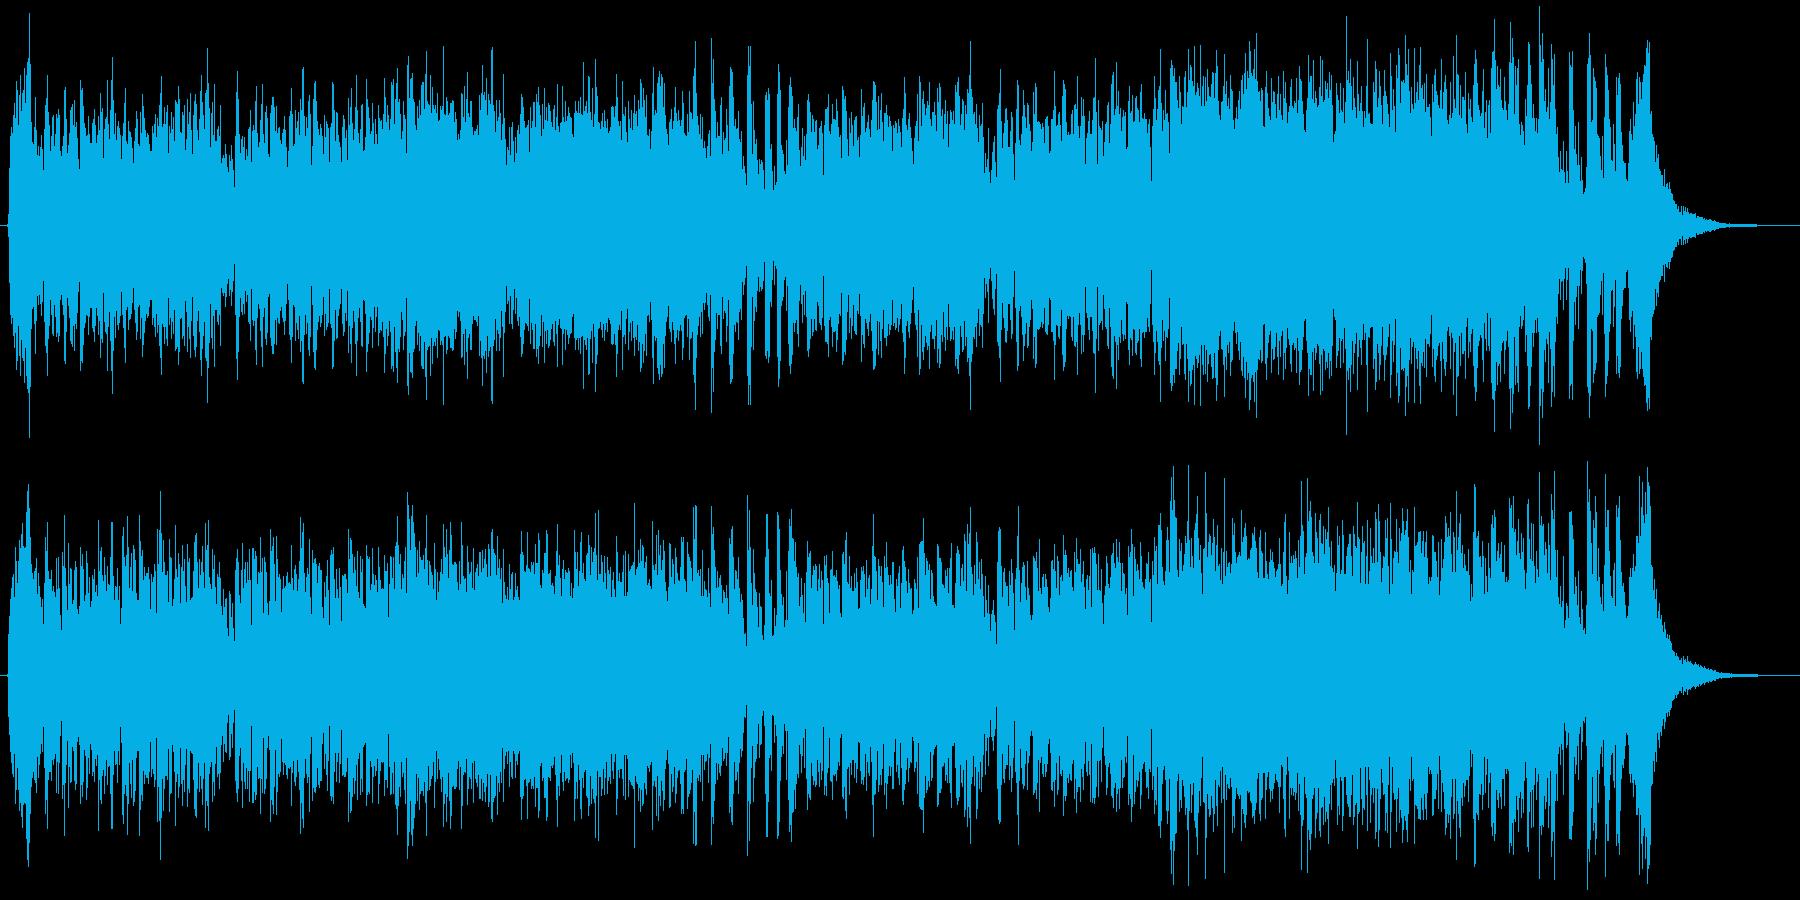 力強く明るい爽やかなファンファーレBGMの再生済みの波形